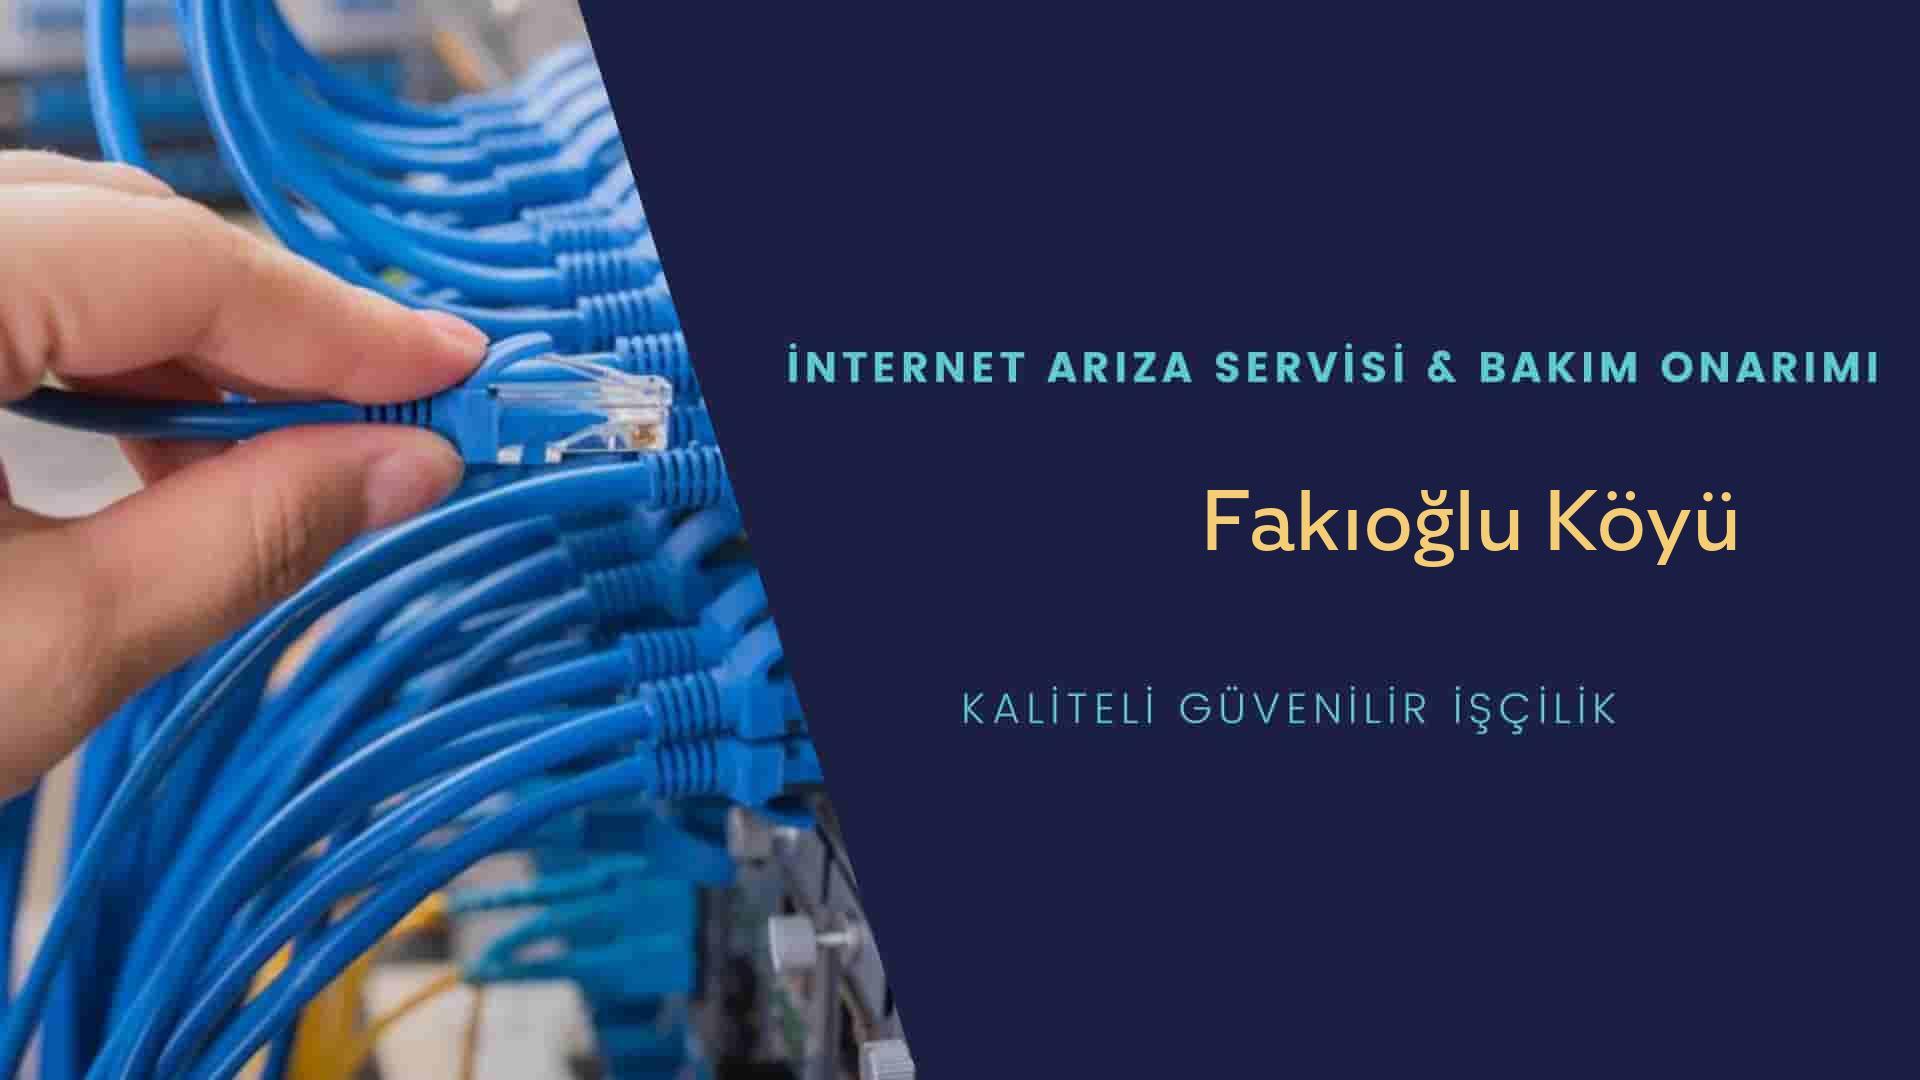 Fakıoğlu Köyü internet kablosu çekimi yapan yerler veya elektrikçiler mi? arıyorsunuz doğru yerdesiniz o zaman sizlere 7/24 yardımcı olacak profesyonel ustalarımız bir telefon kadar yakındır size.